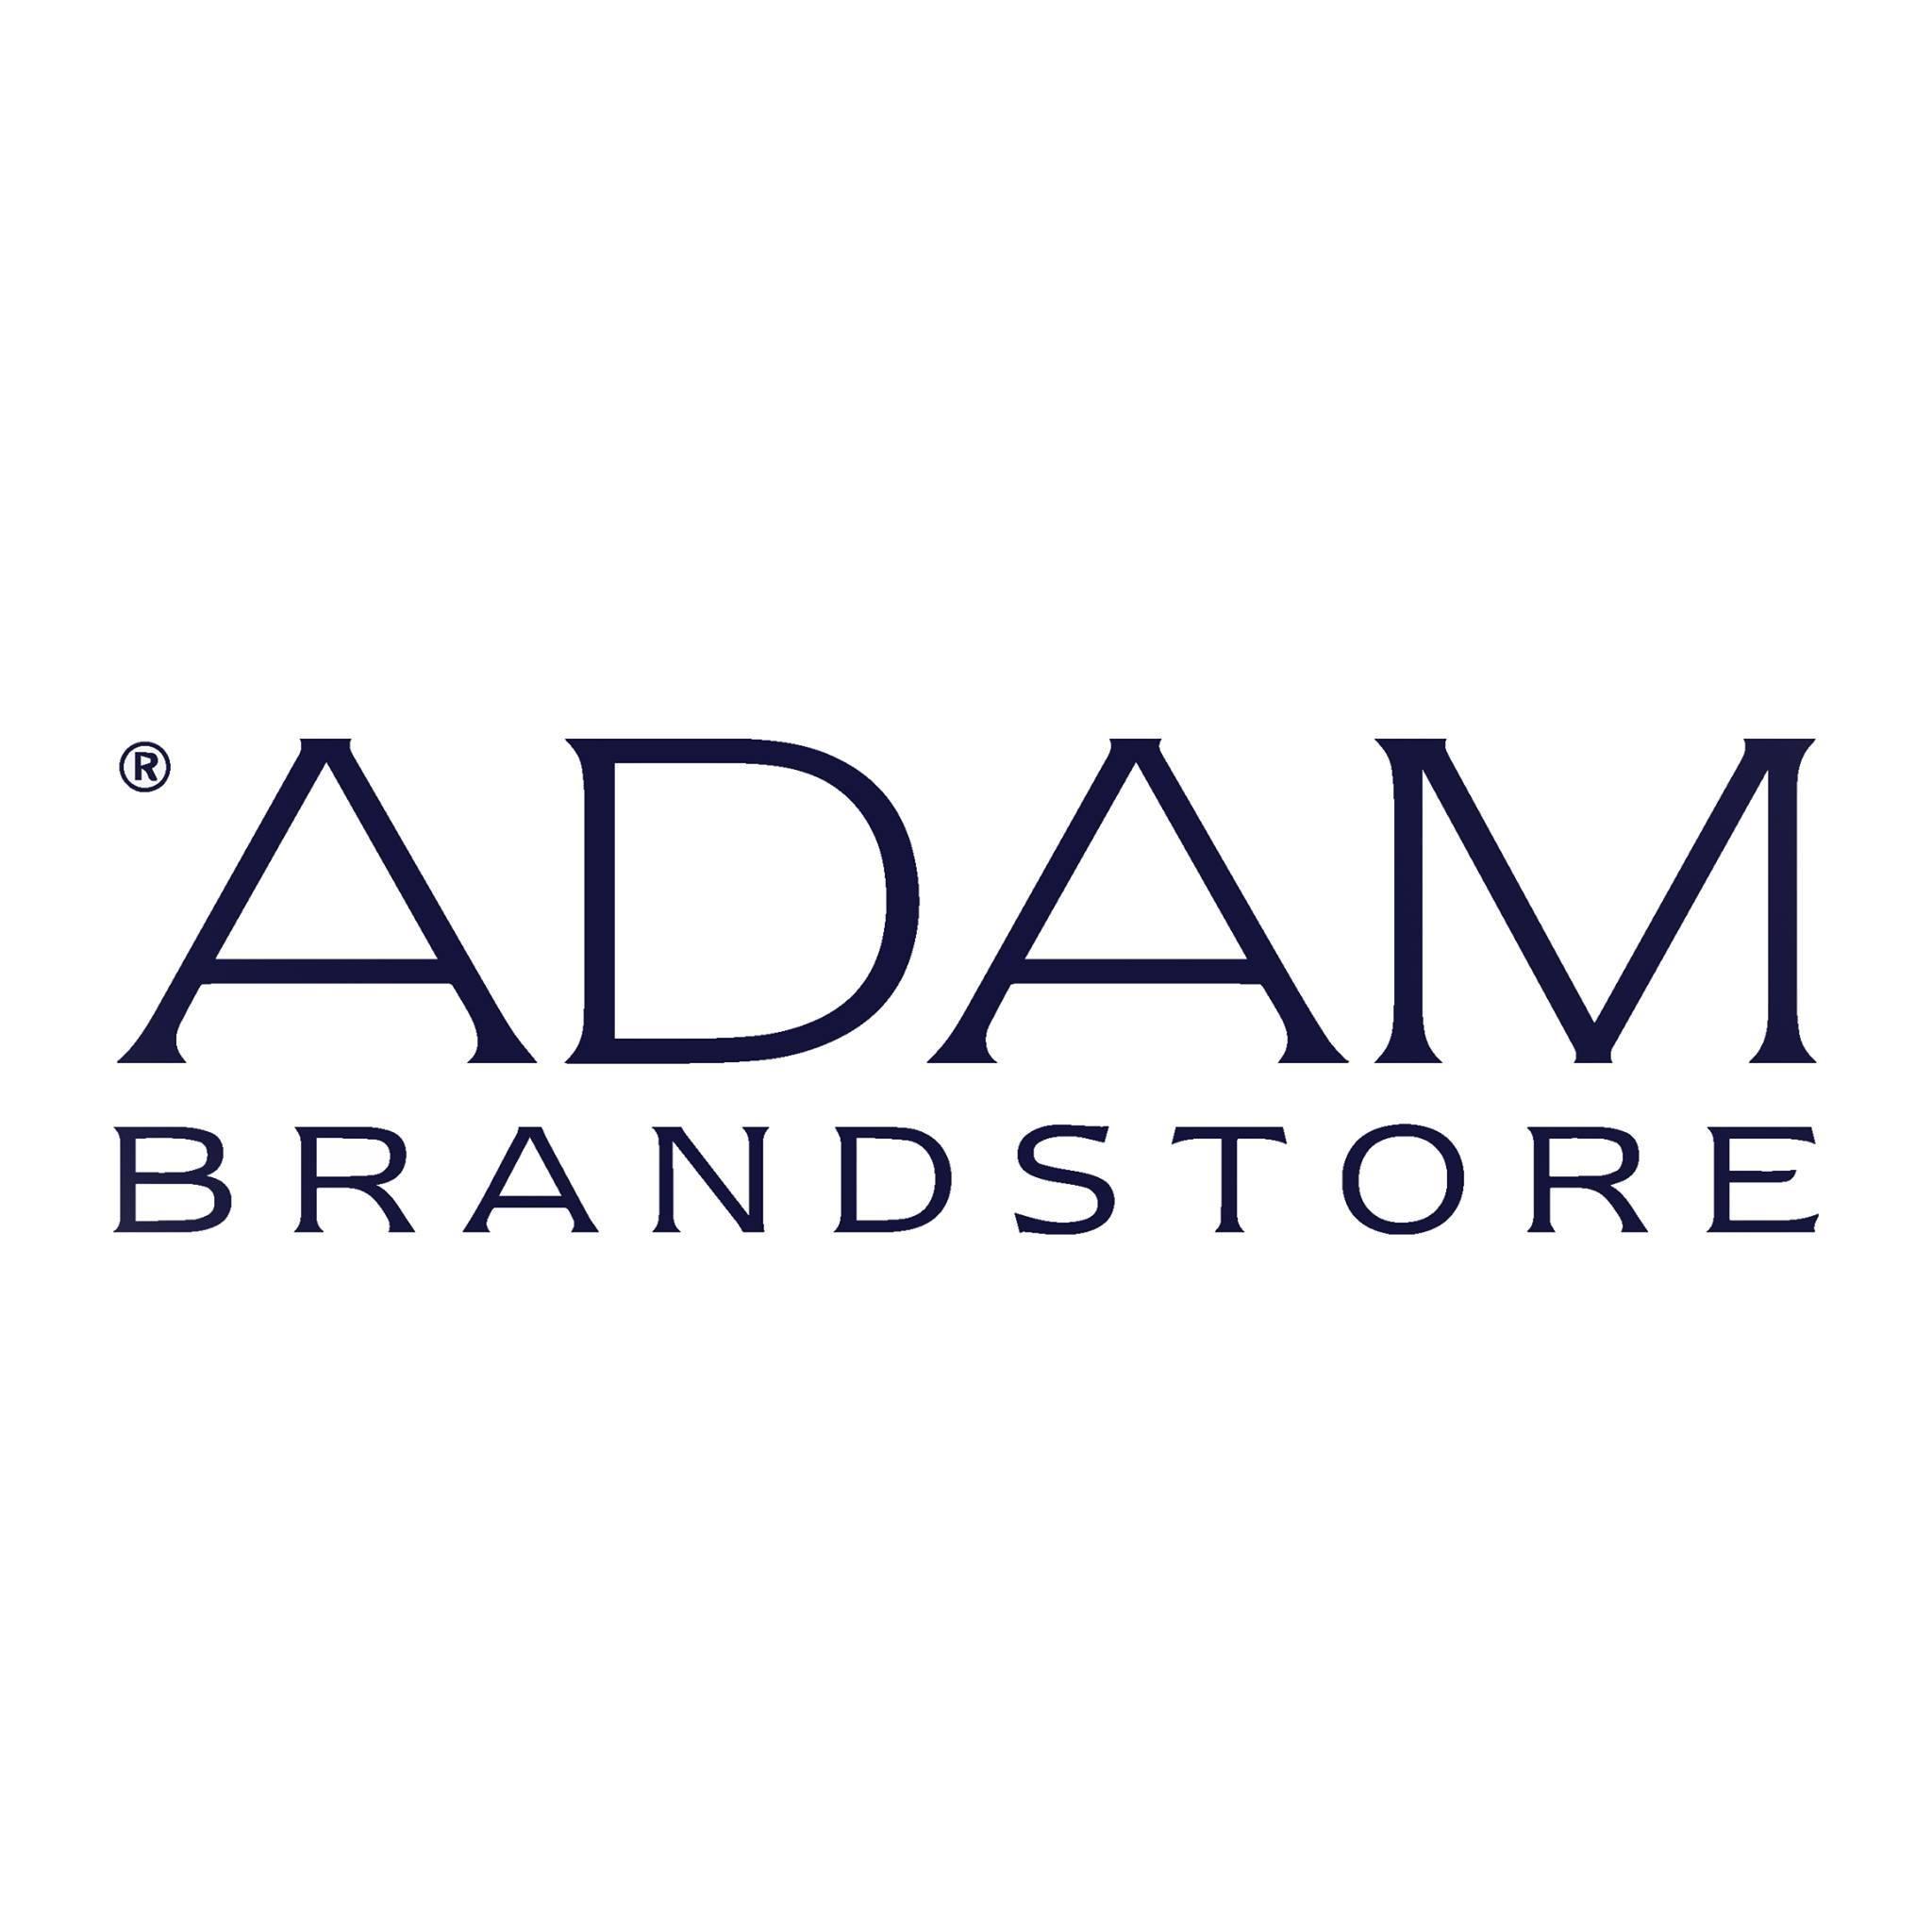 Adam brandstore